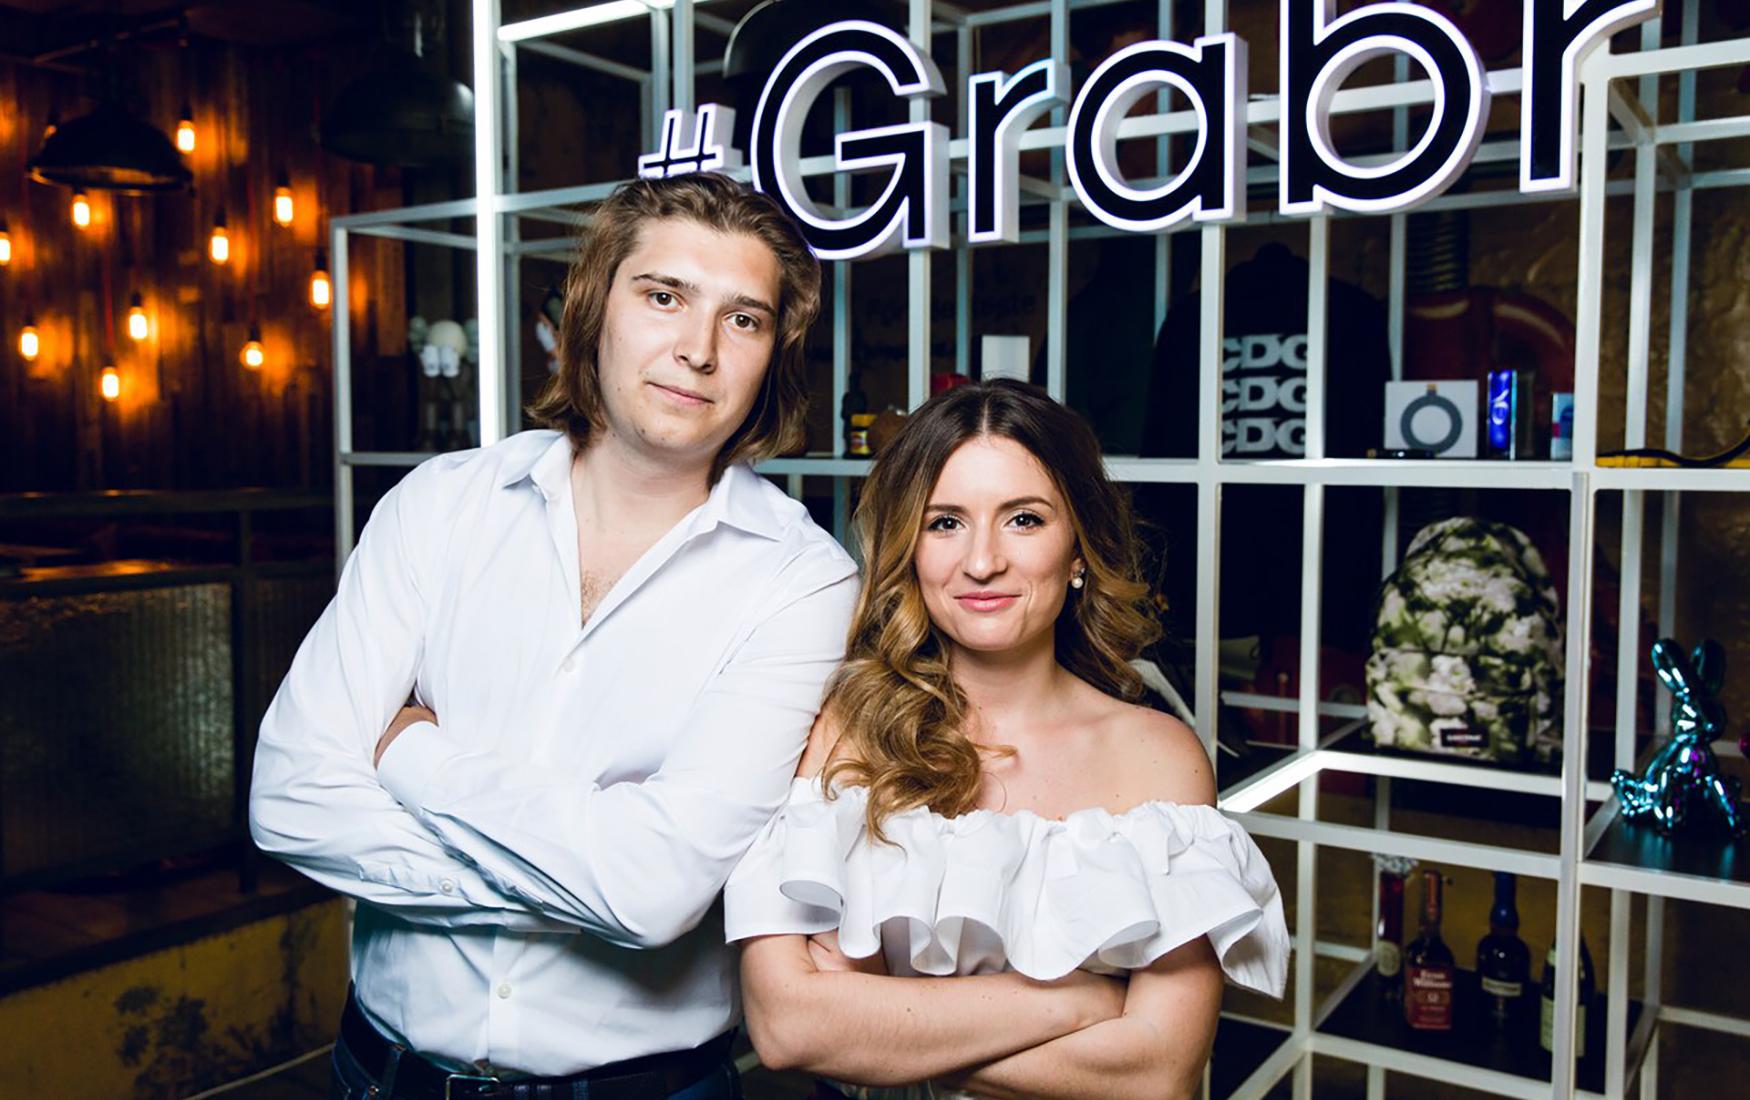 Русские среди американцев: вышел рейтинг молодых предпринимателей Forbes 30-до-30